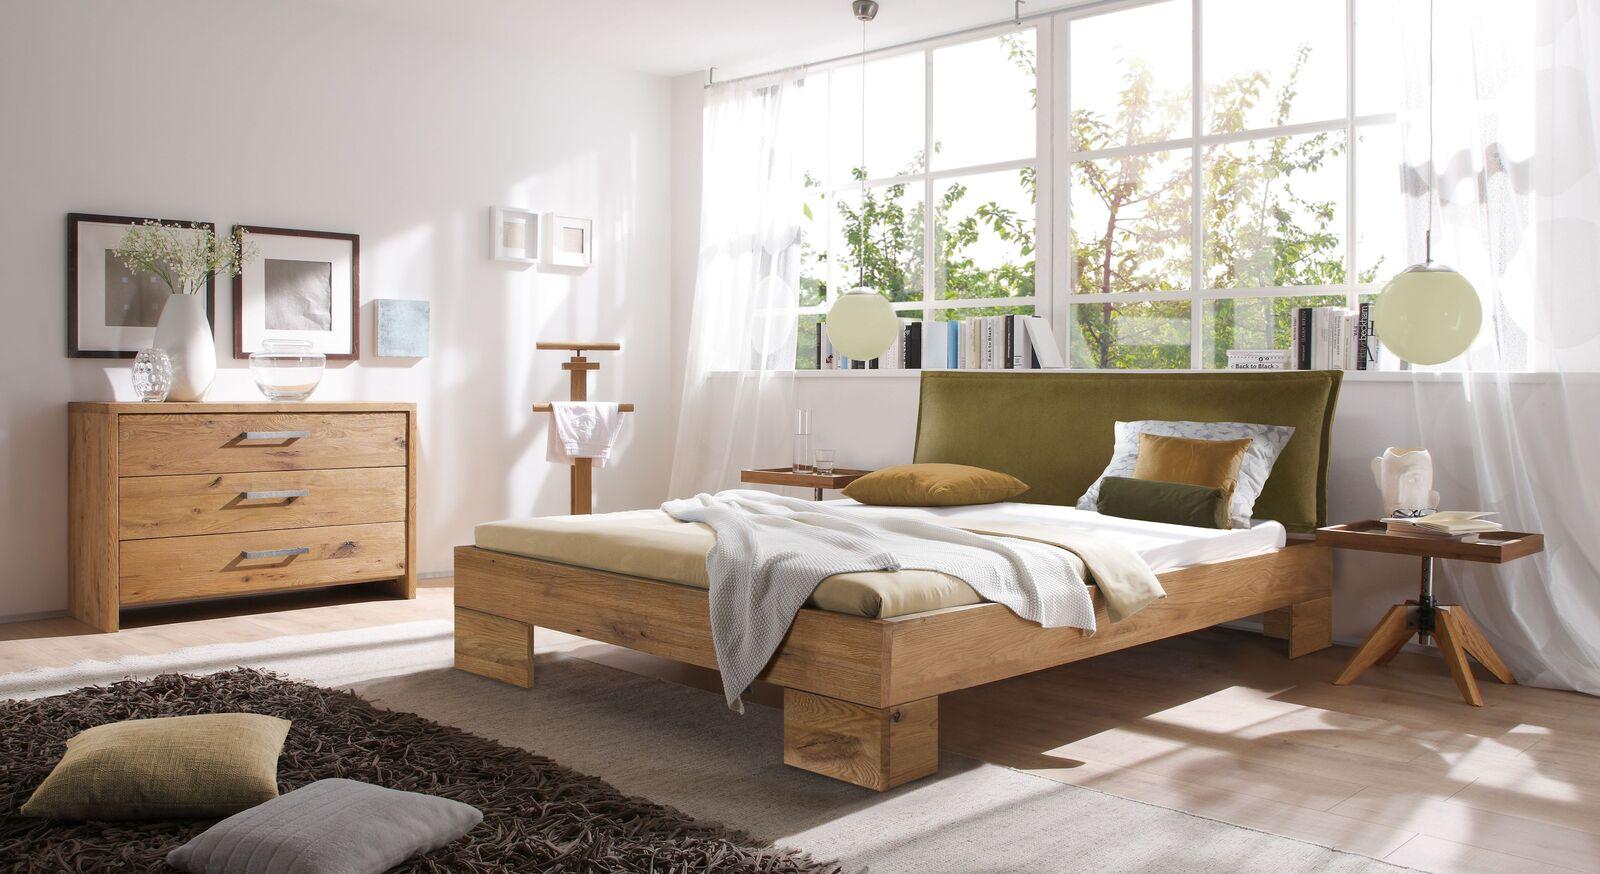 Passende Produkte zum Bett Staffan